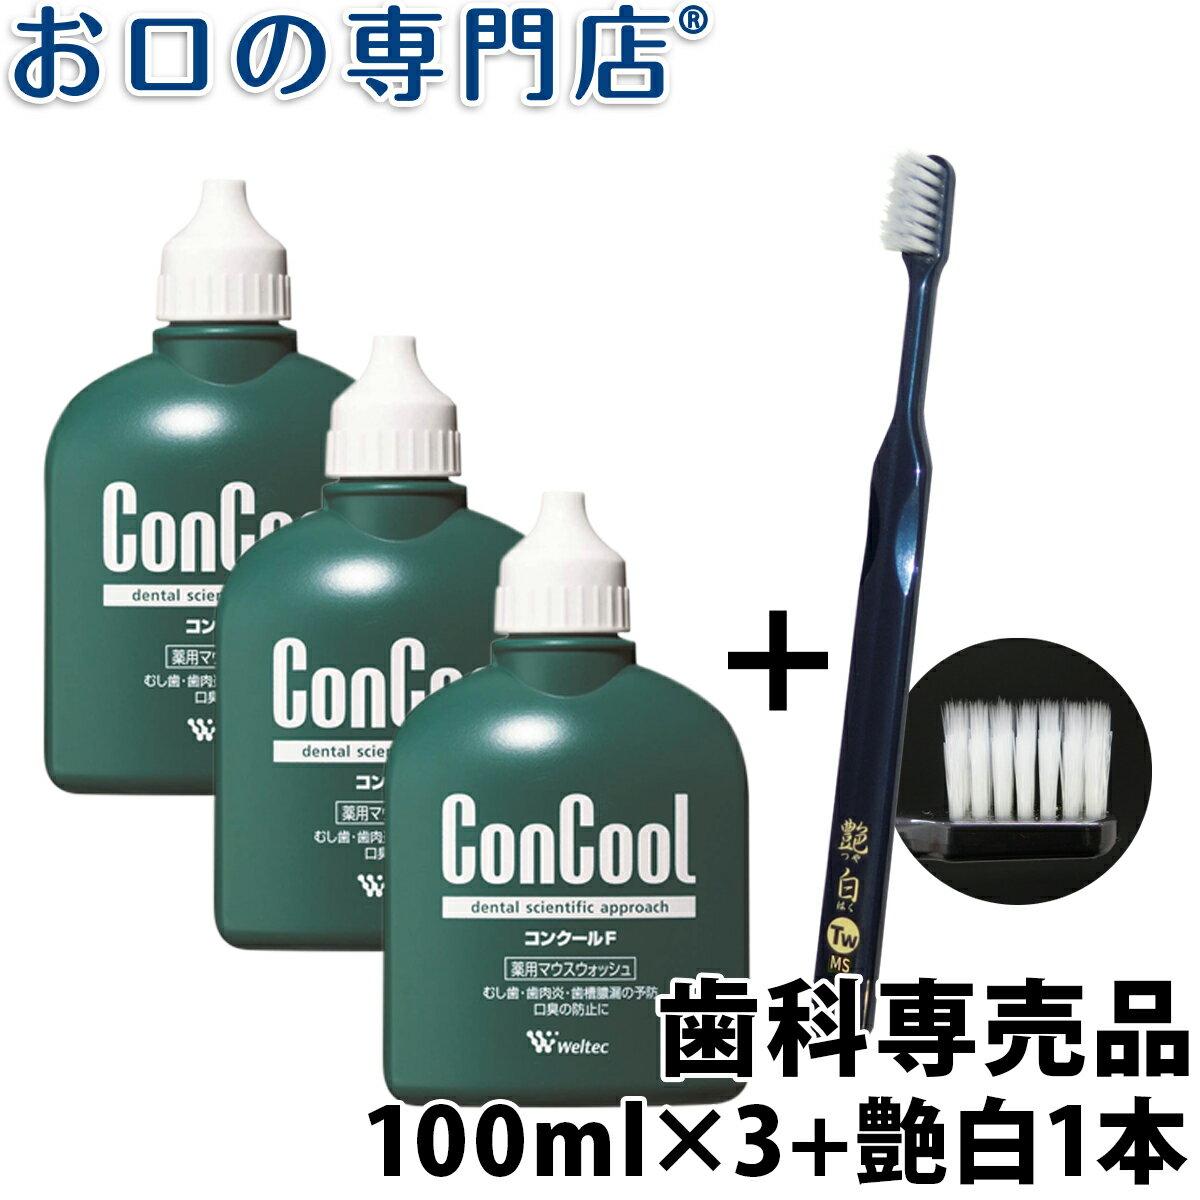 【送料無料】 コンクールF 100ml × 3個 + 艶白歯ブラシ(日本製)1本付き(色はおまかせ)【コンクール】